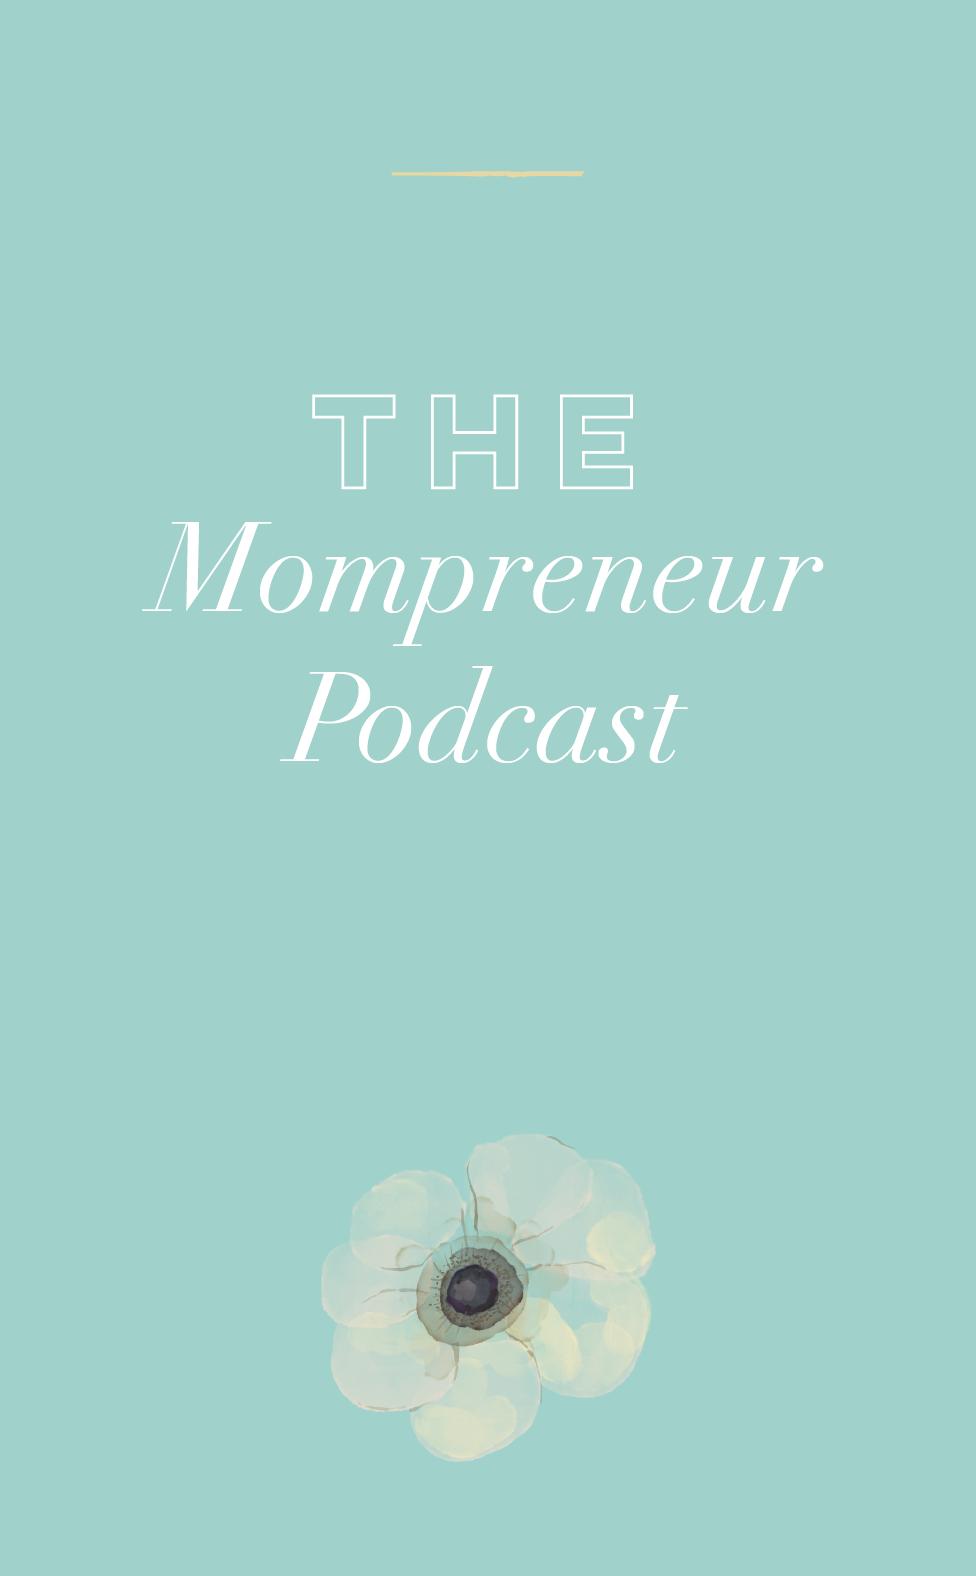 podcastblog.png